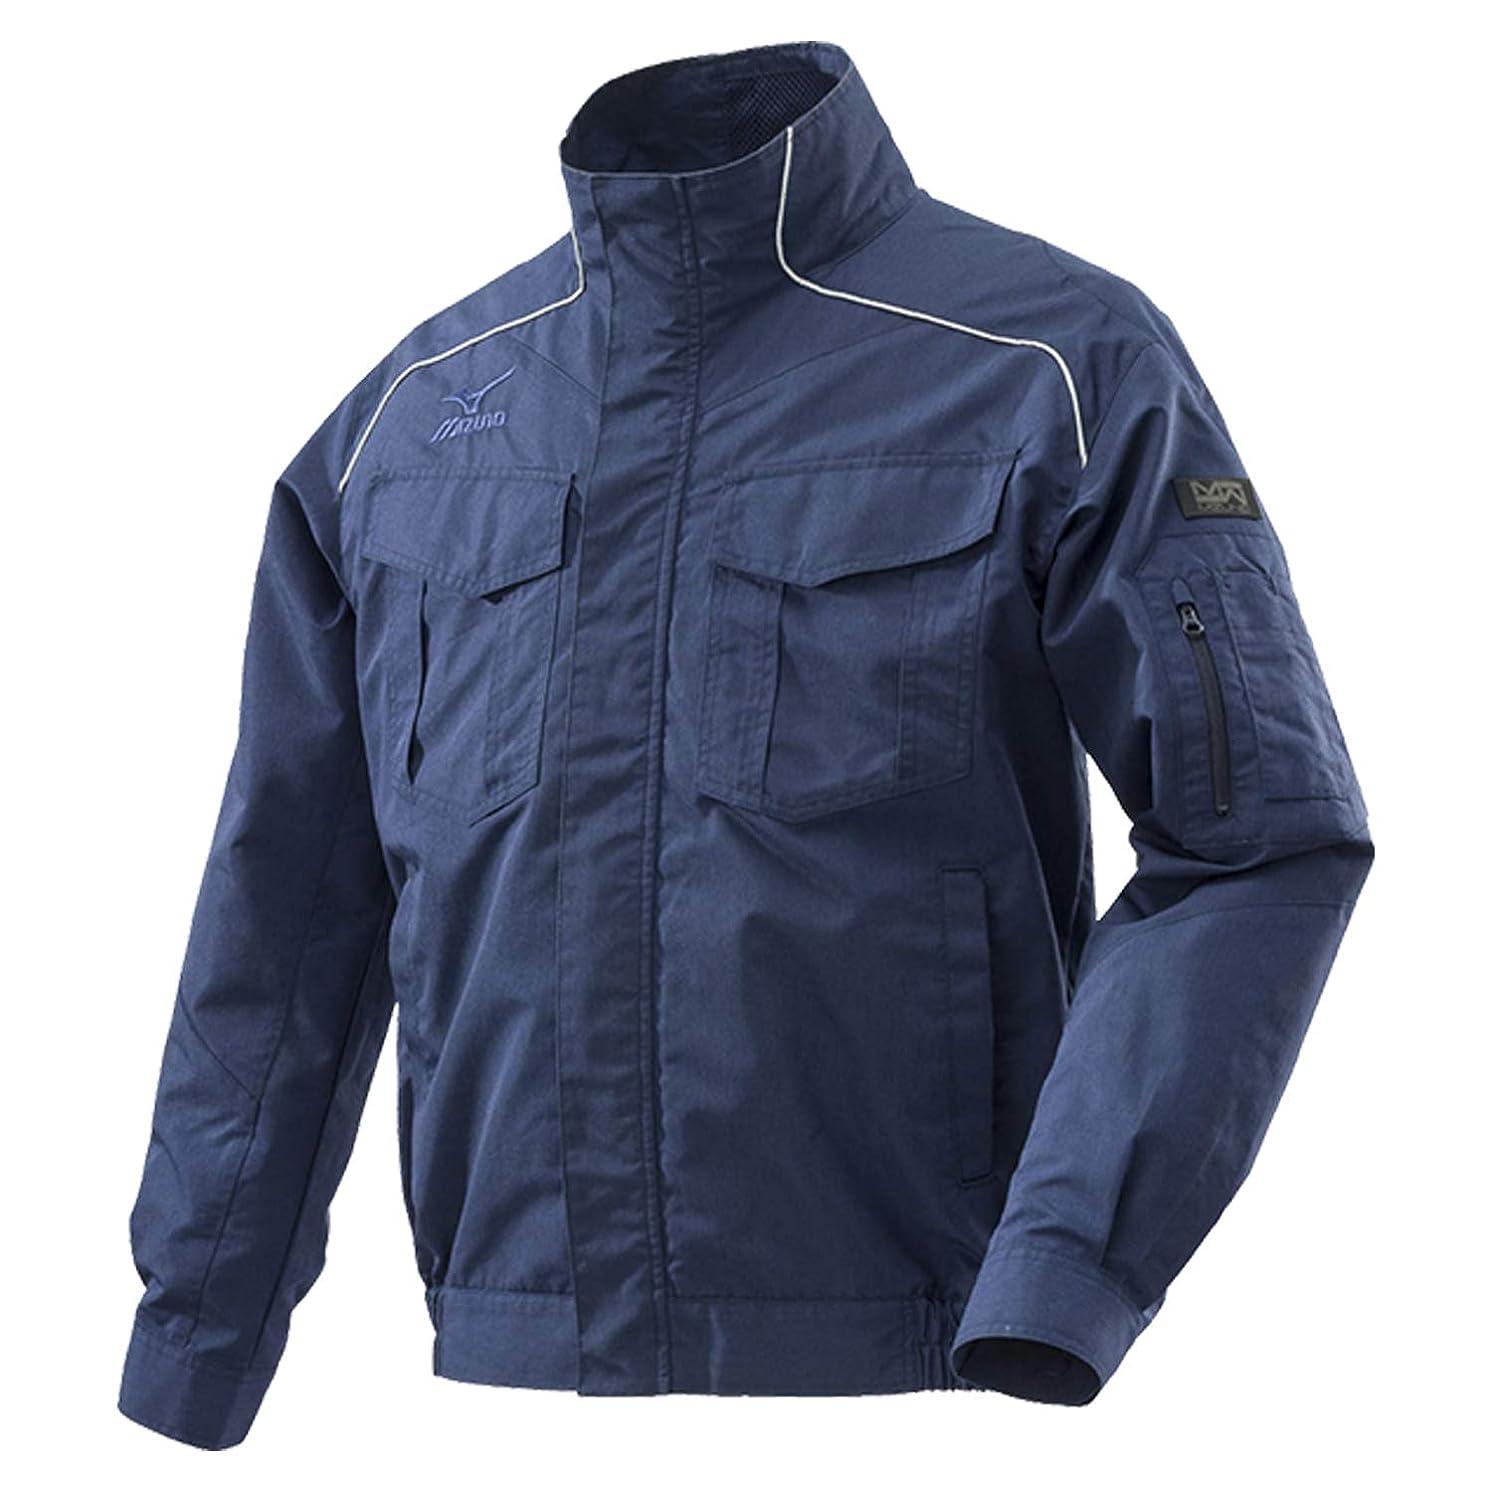 失効を通してスポーツをするミズノ(MIZUNO) 空調服用ジャケット エアリージャケット (ジャケットのみ) C2JE818014 ネイビー XL